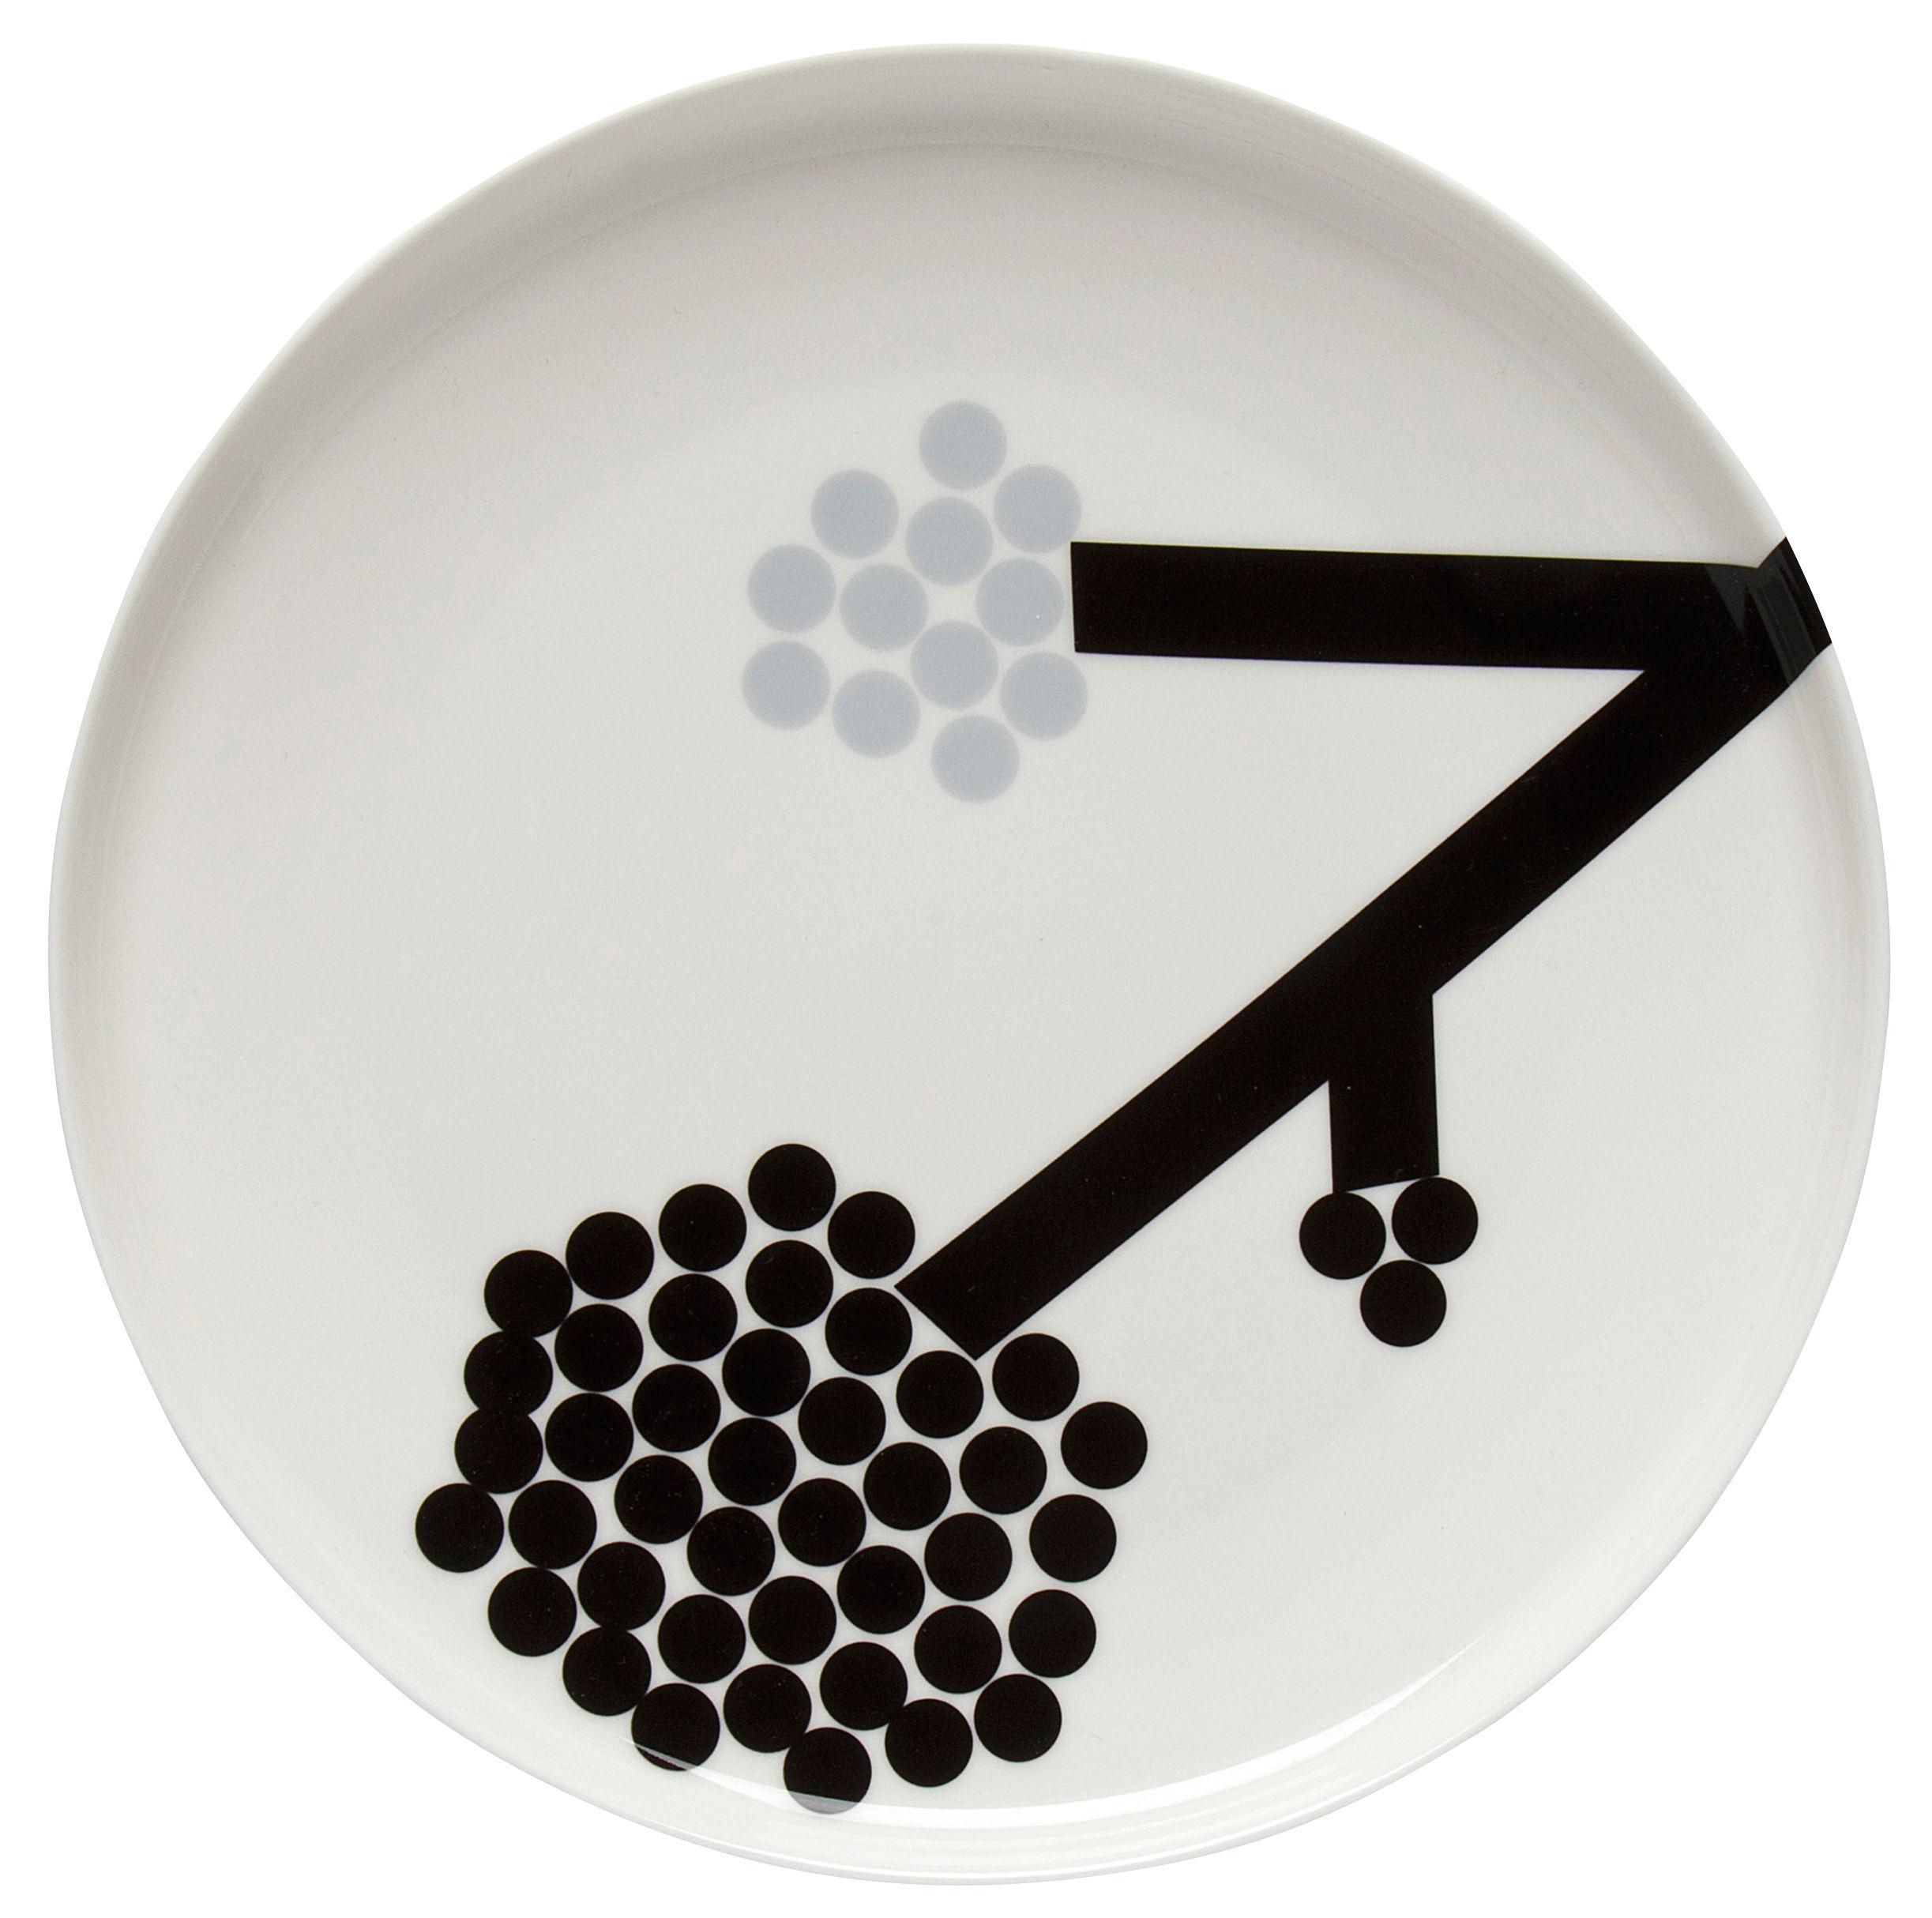 Arts de la table - Assiettes - Assiette Hortensie / Ø 25 cm - Marimekko - Hortensie / Noir & gris - Grès